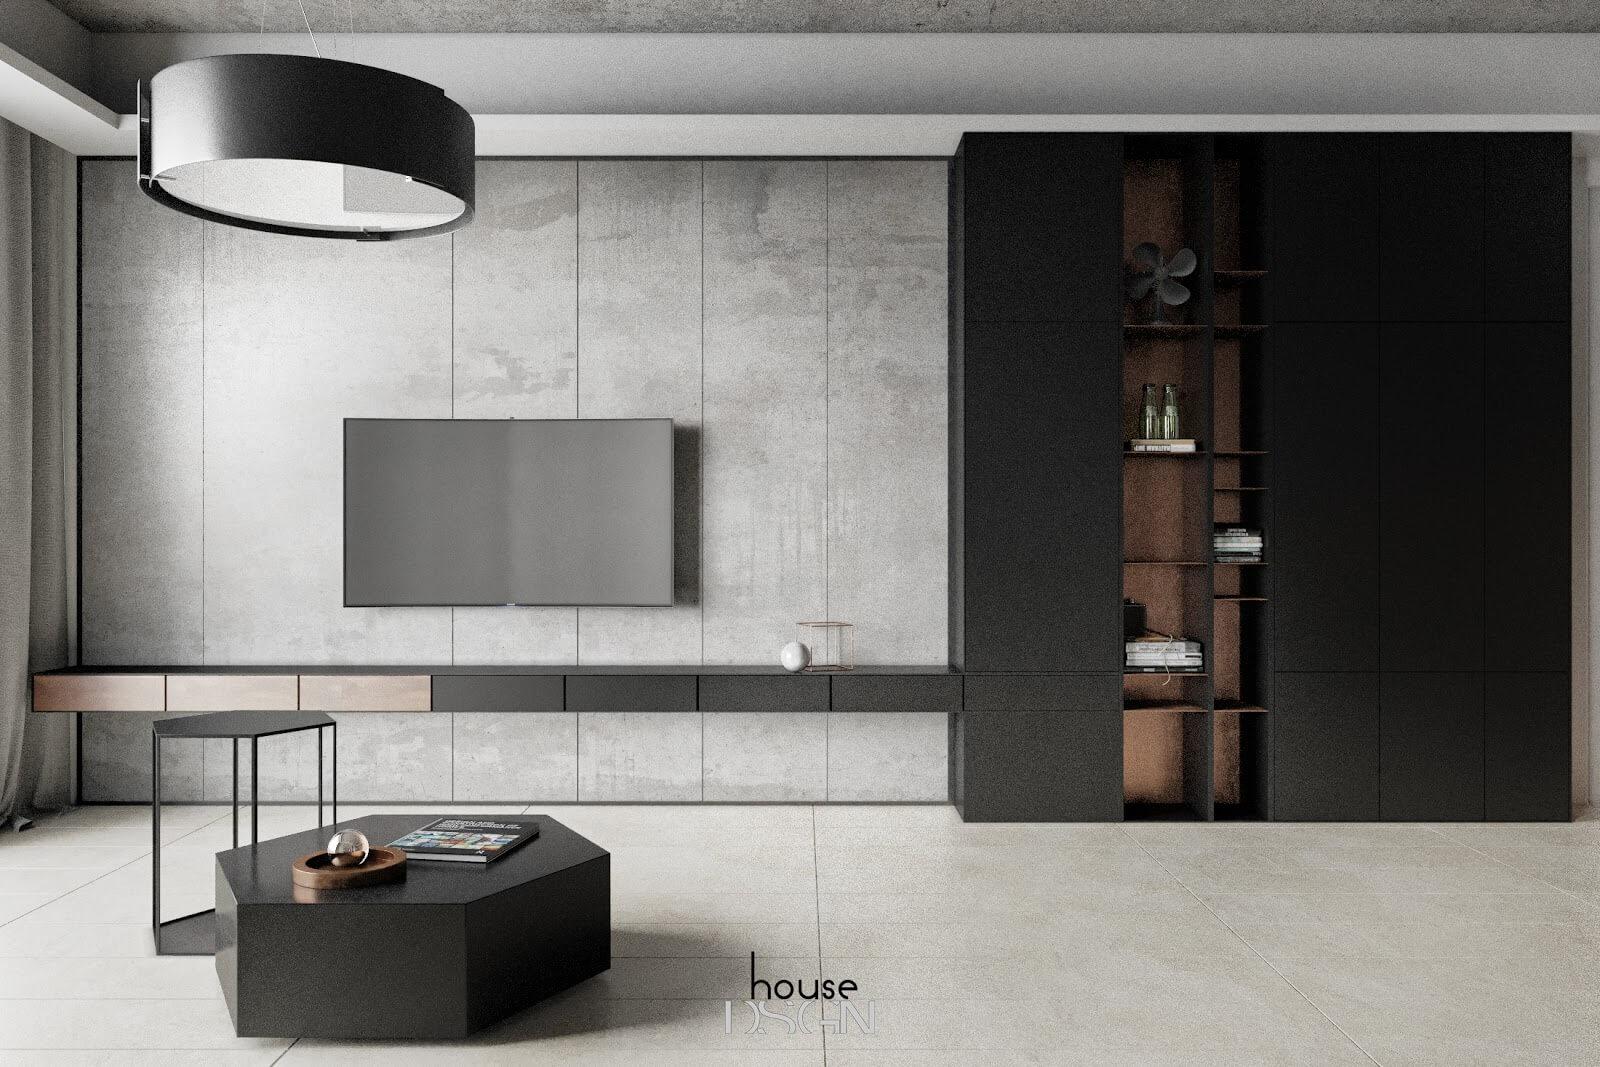 thiết kế phong cách tối giản trong nội thất